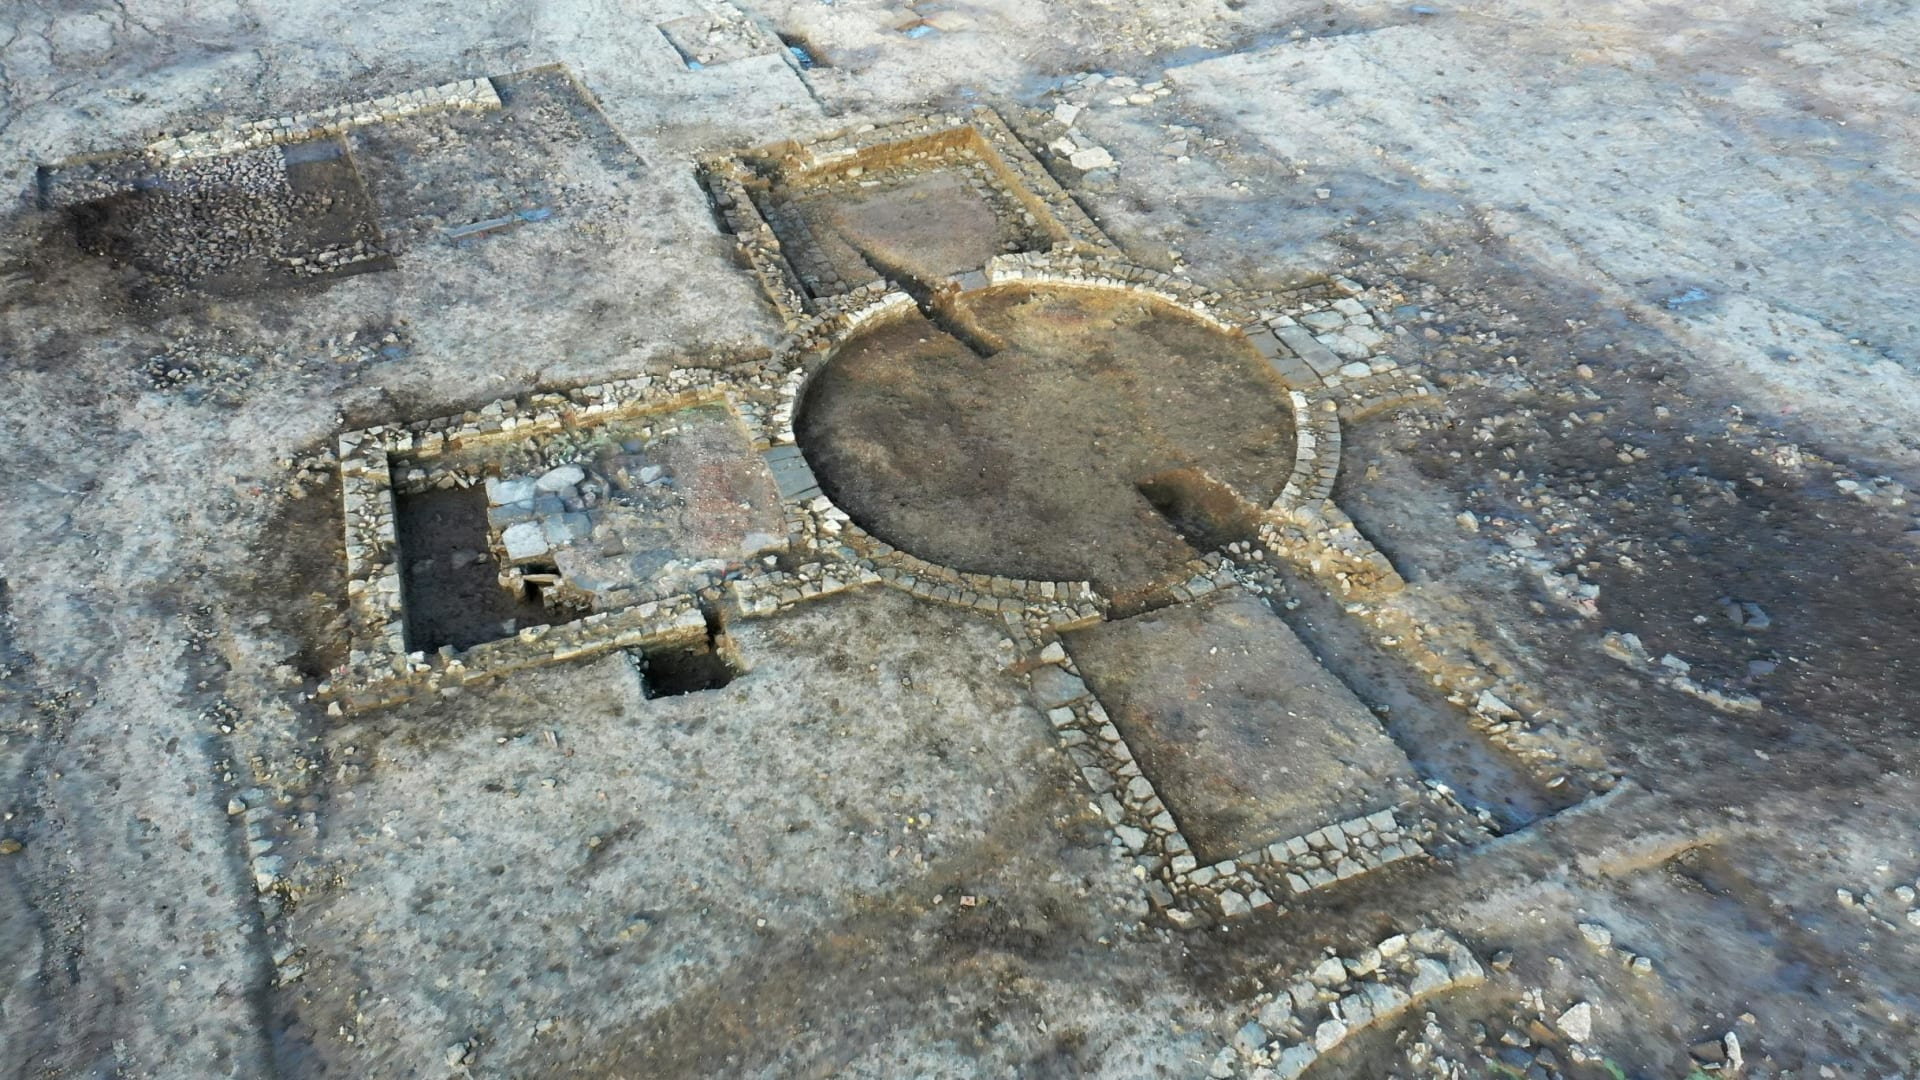 انقرضت قبل 400 عام.. شاهد كيف عادت القنادس إلى إنجلترا